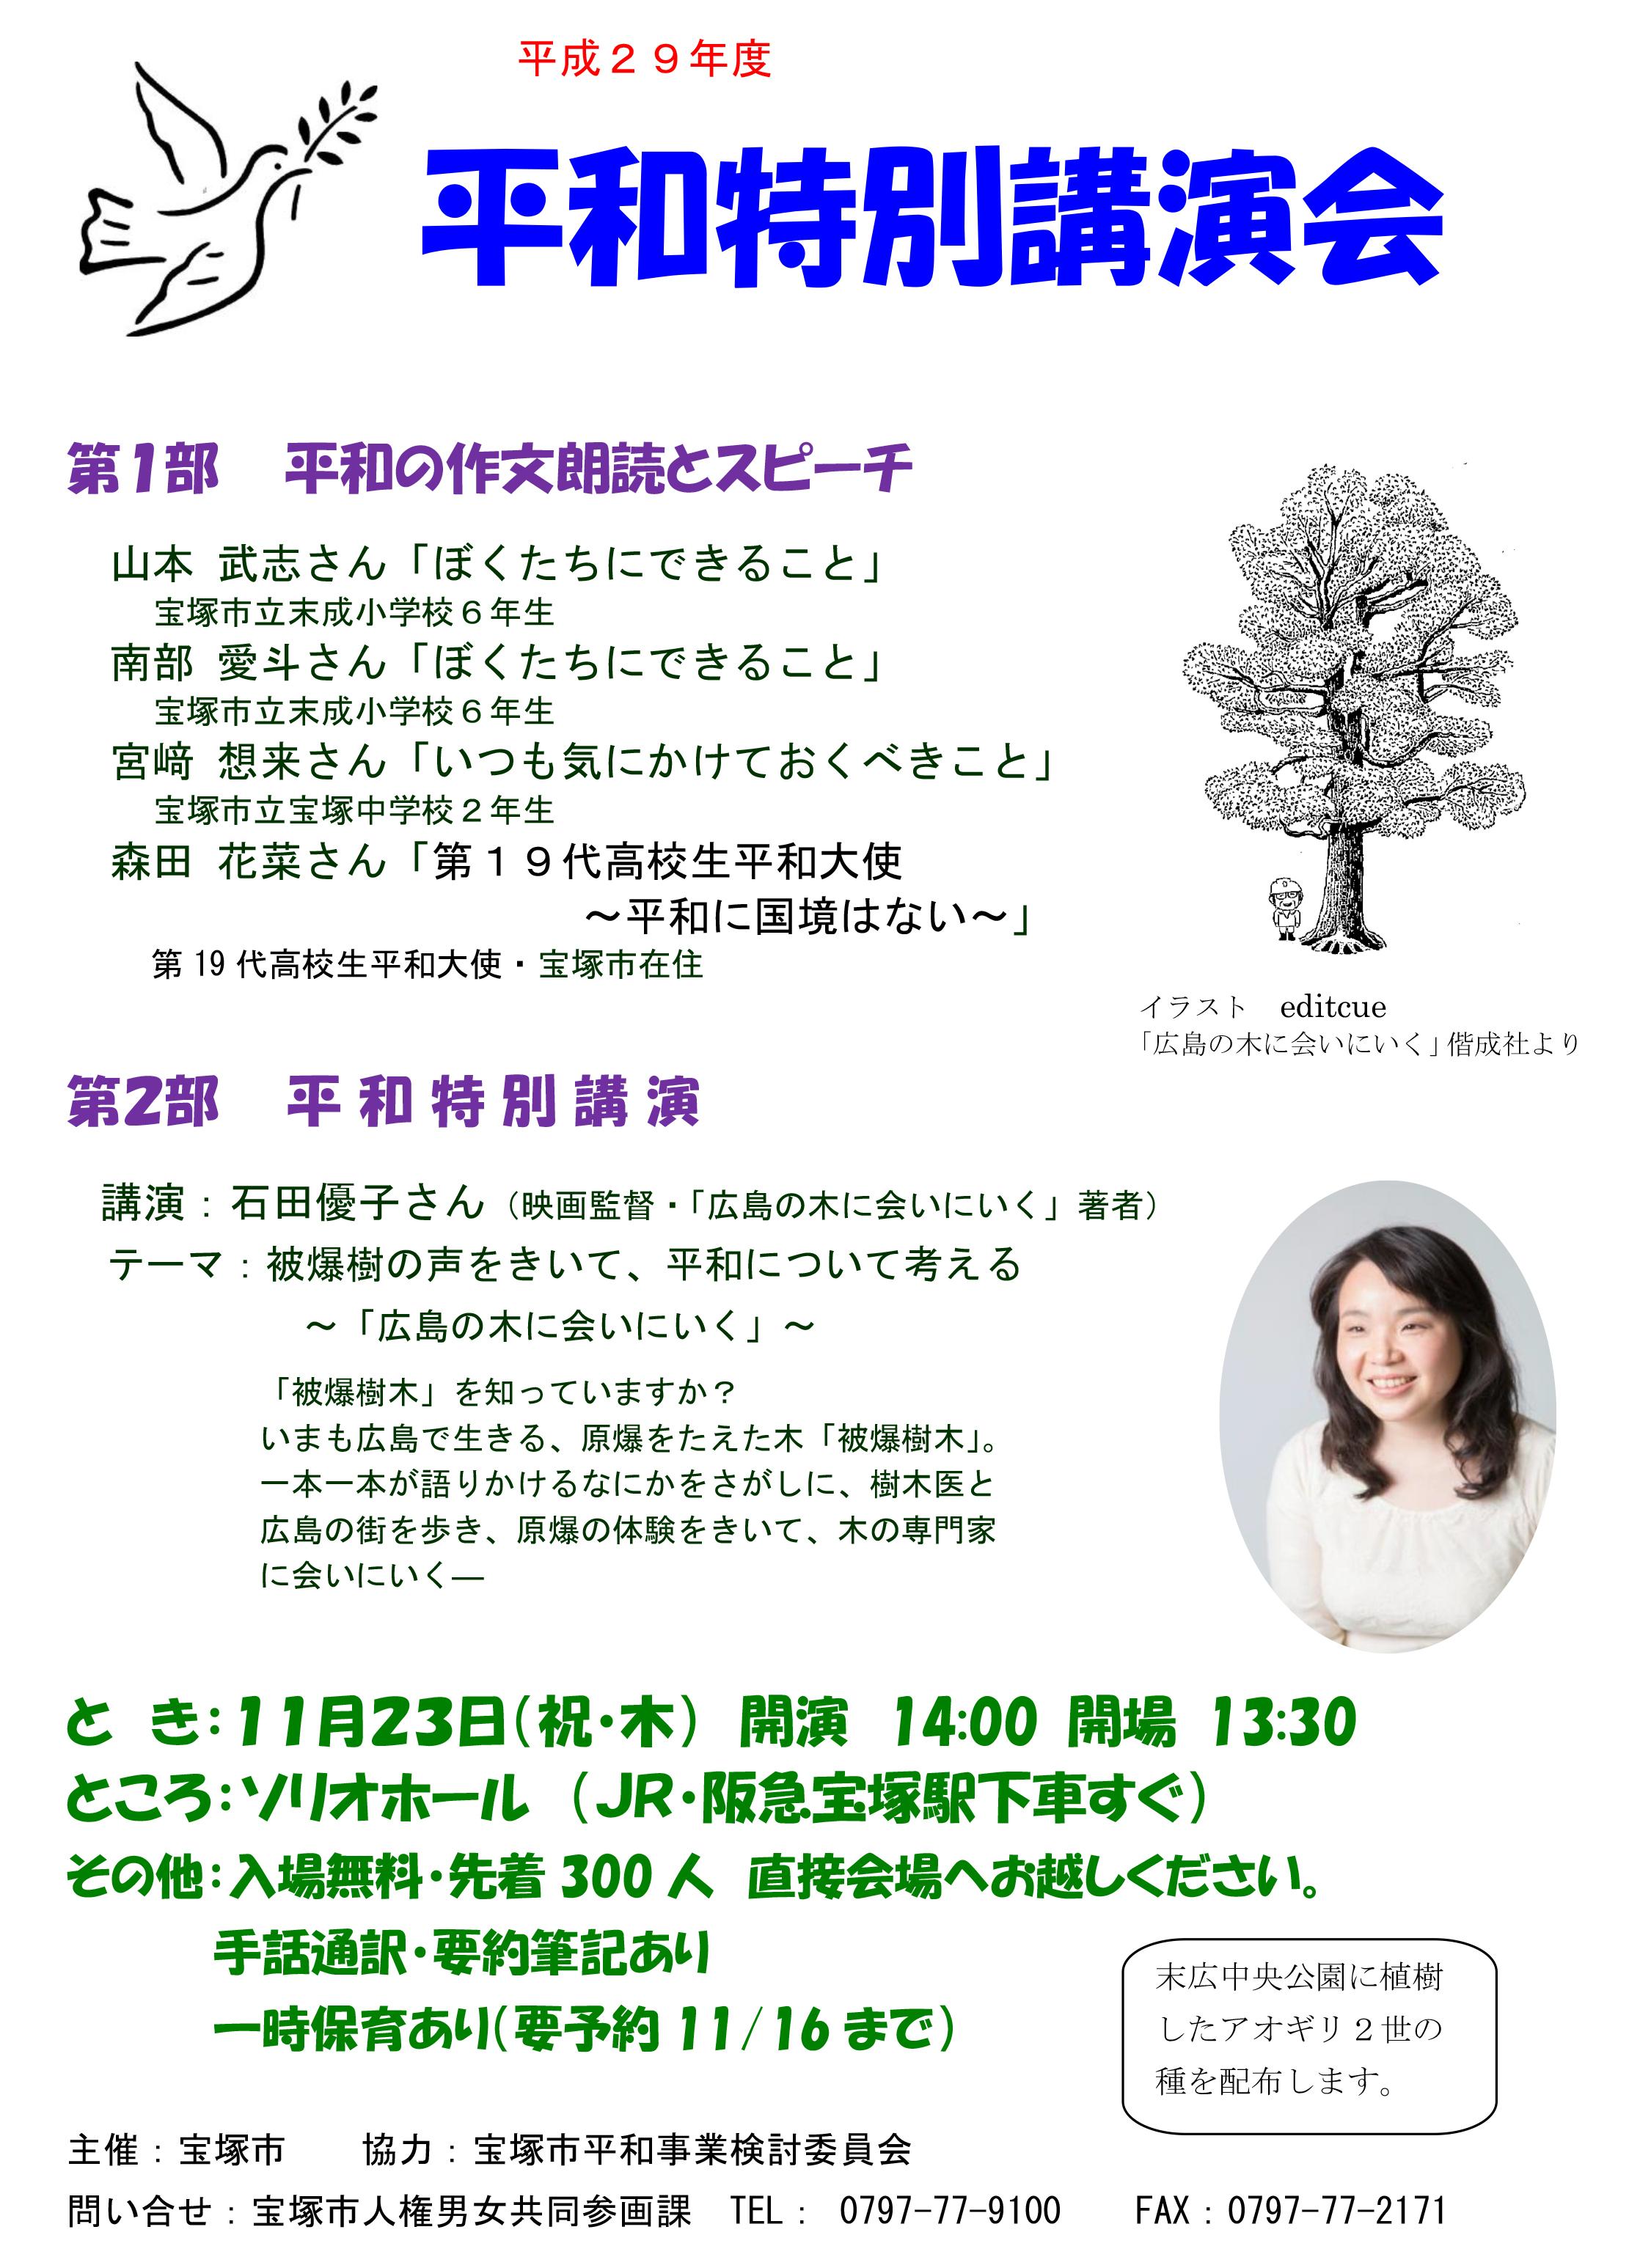 石田優子さん 平和特別講演会